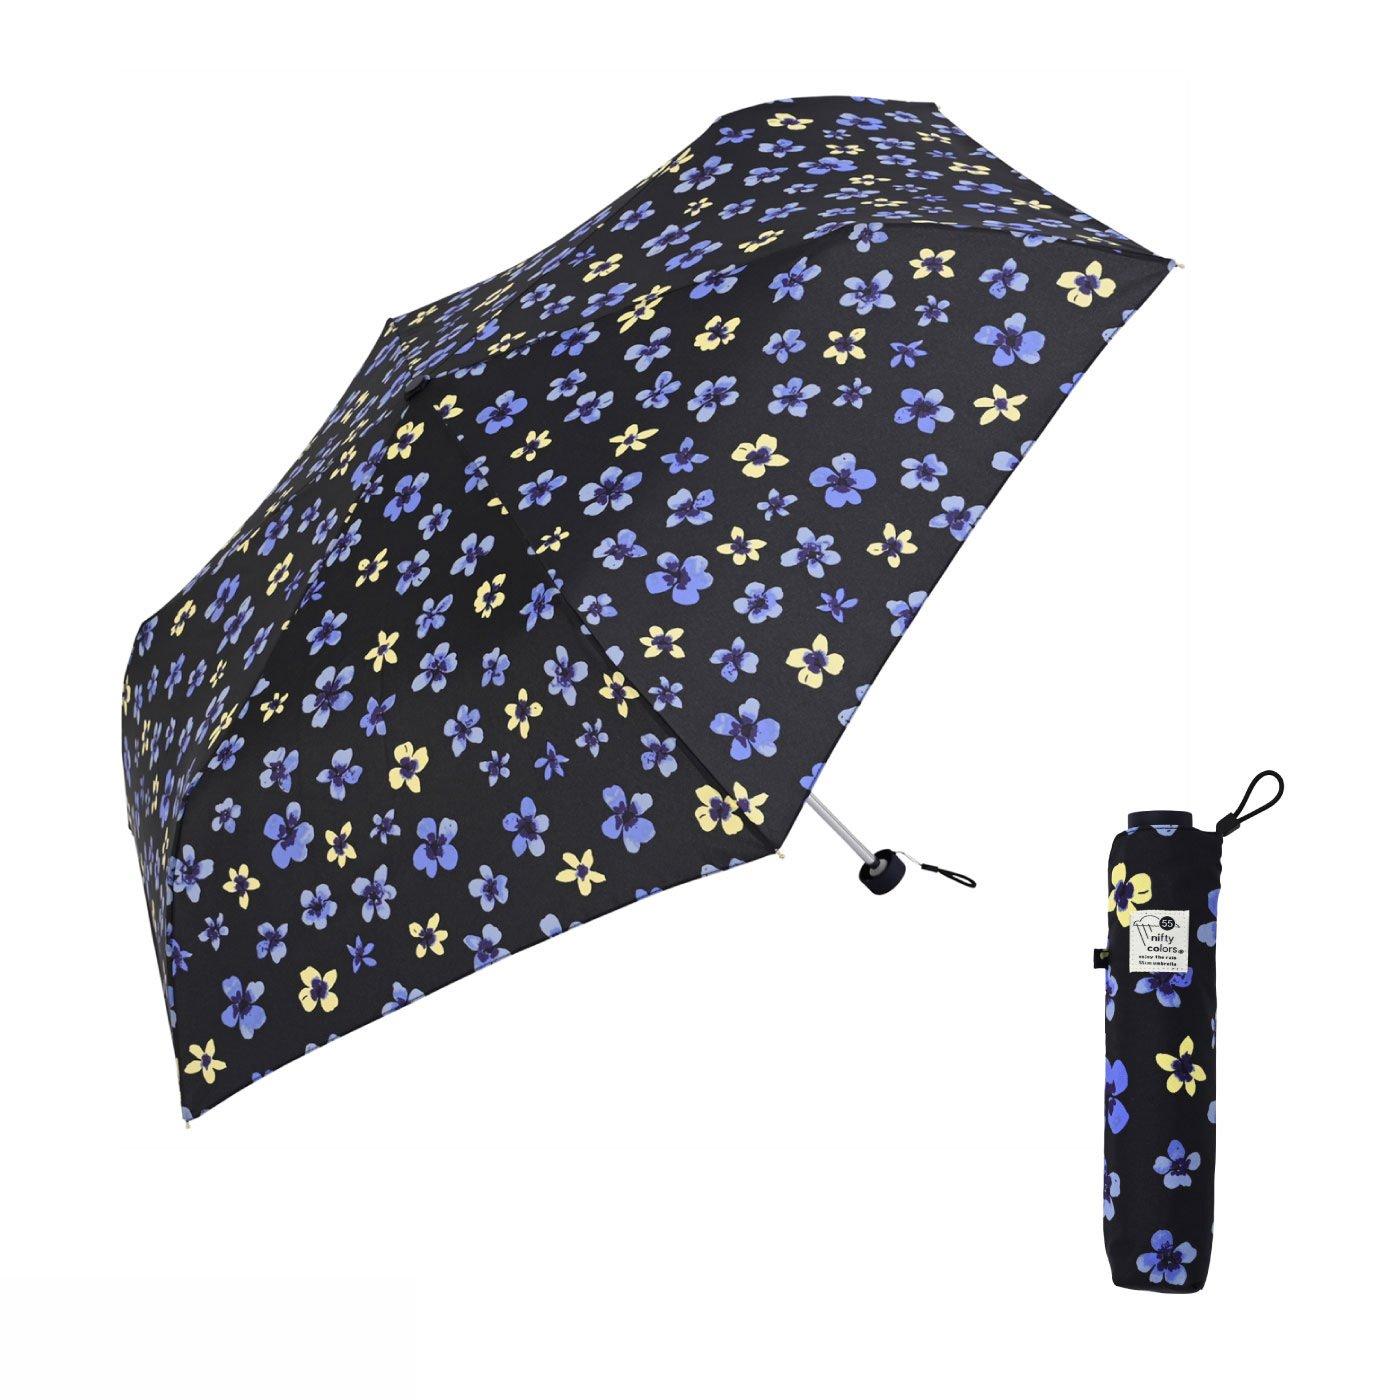 上品で可憐な印象に ちょっと大きめ55cmのスミレ雨傘